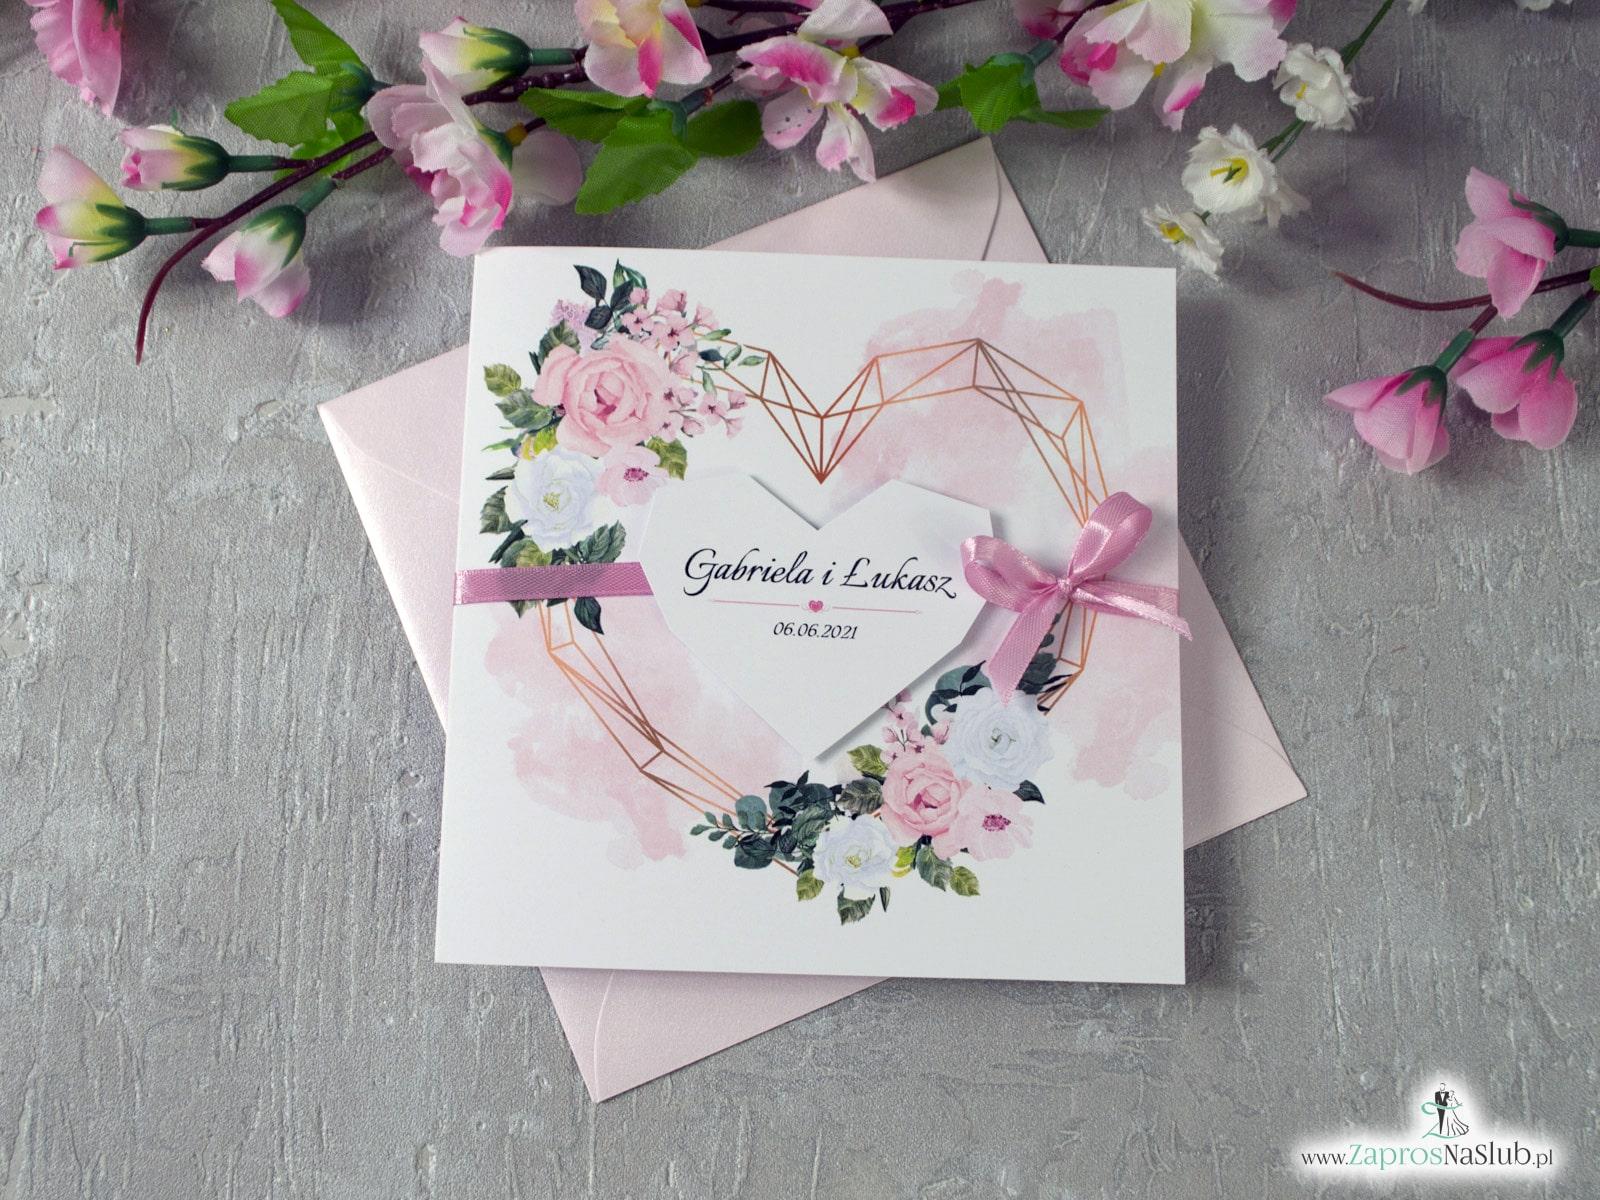 Zaproszenie ślubne z sercem zaproszenia ślubne kwiatowe z różowymi i białymi różami. Serce geometryczne ZAP-41-12-min